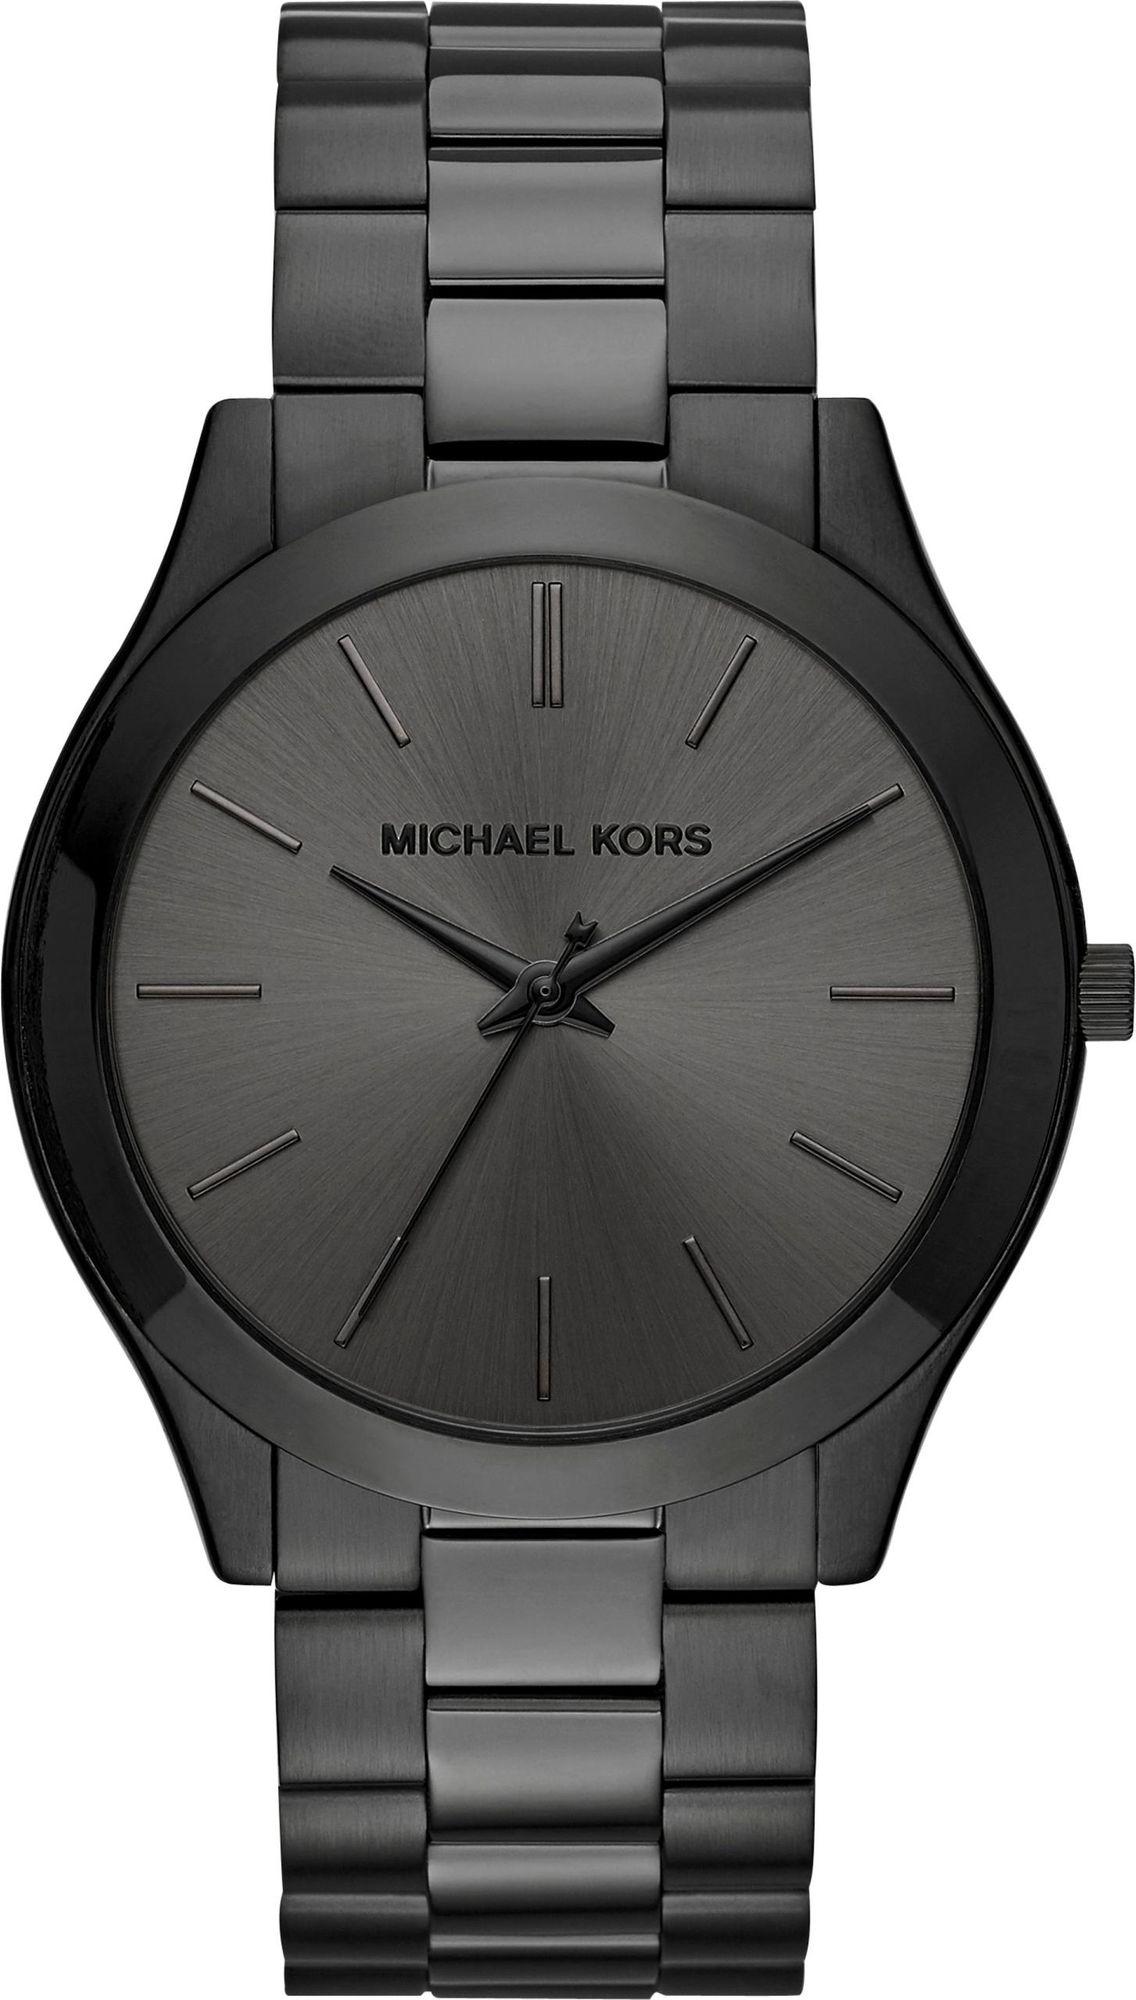 Michael Kors SLIM RUNWAY MK8507 Wristwatch for women Design Highlight